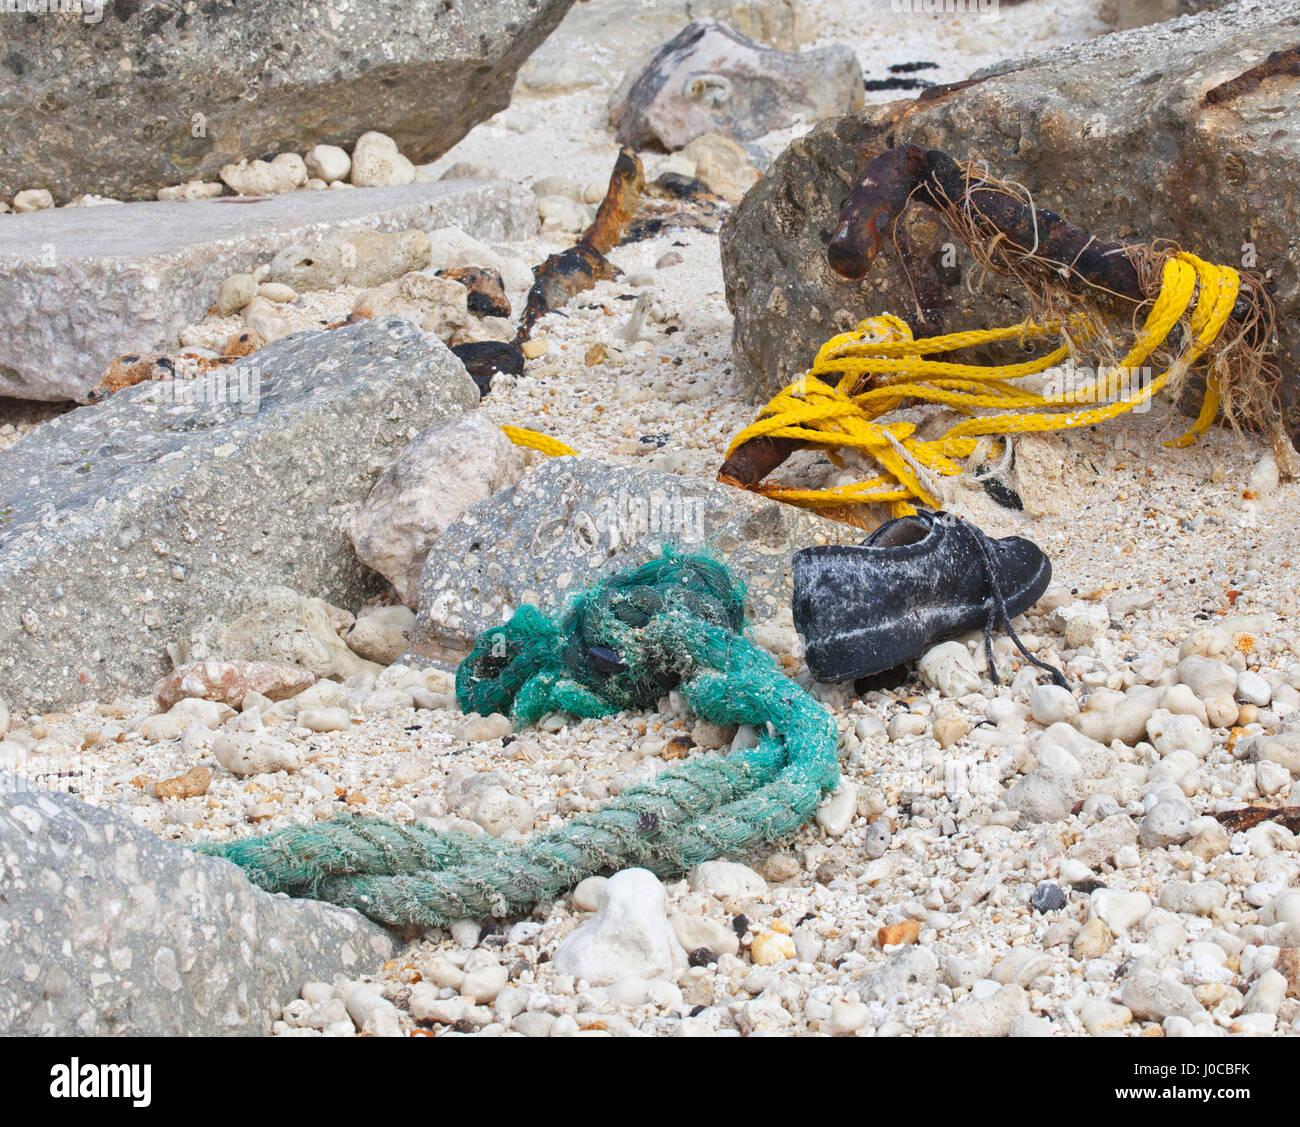 Basura, sogas y zapata antigua arrastrado en una isla del Pacífico Norte Foto de stock